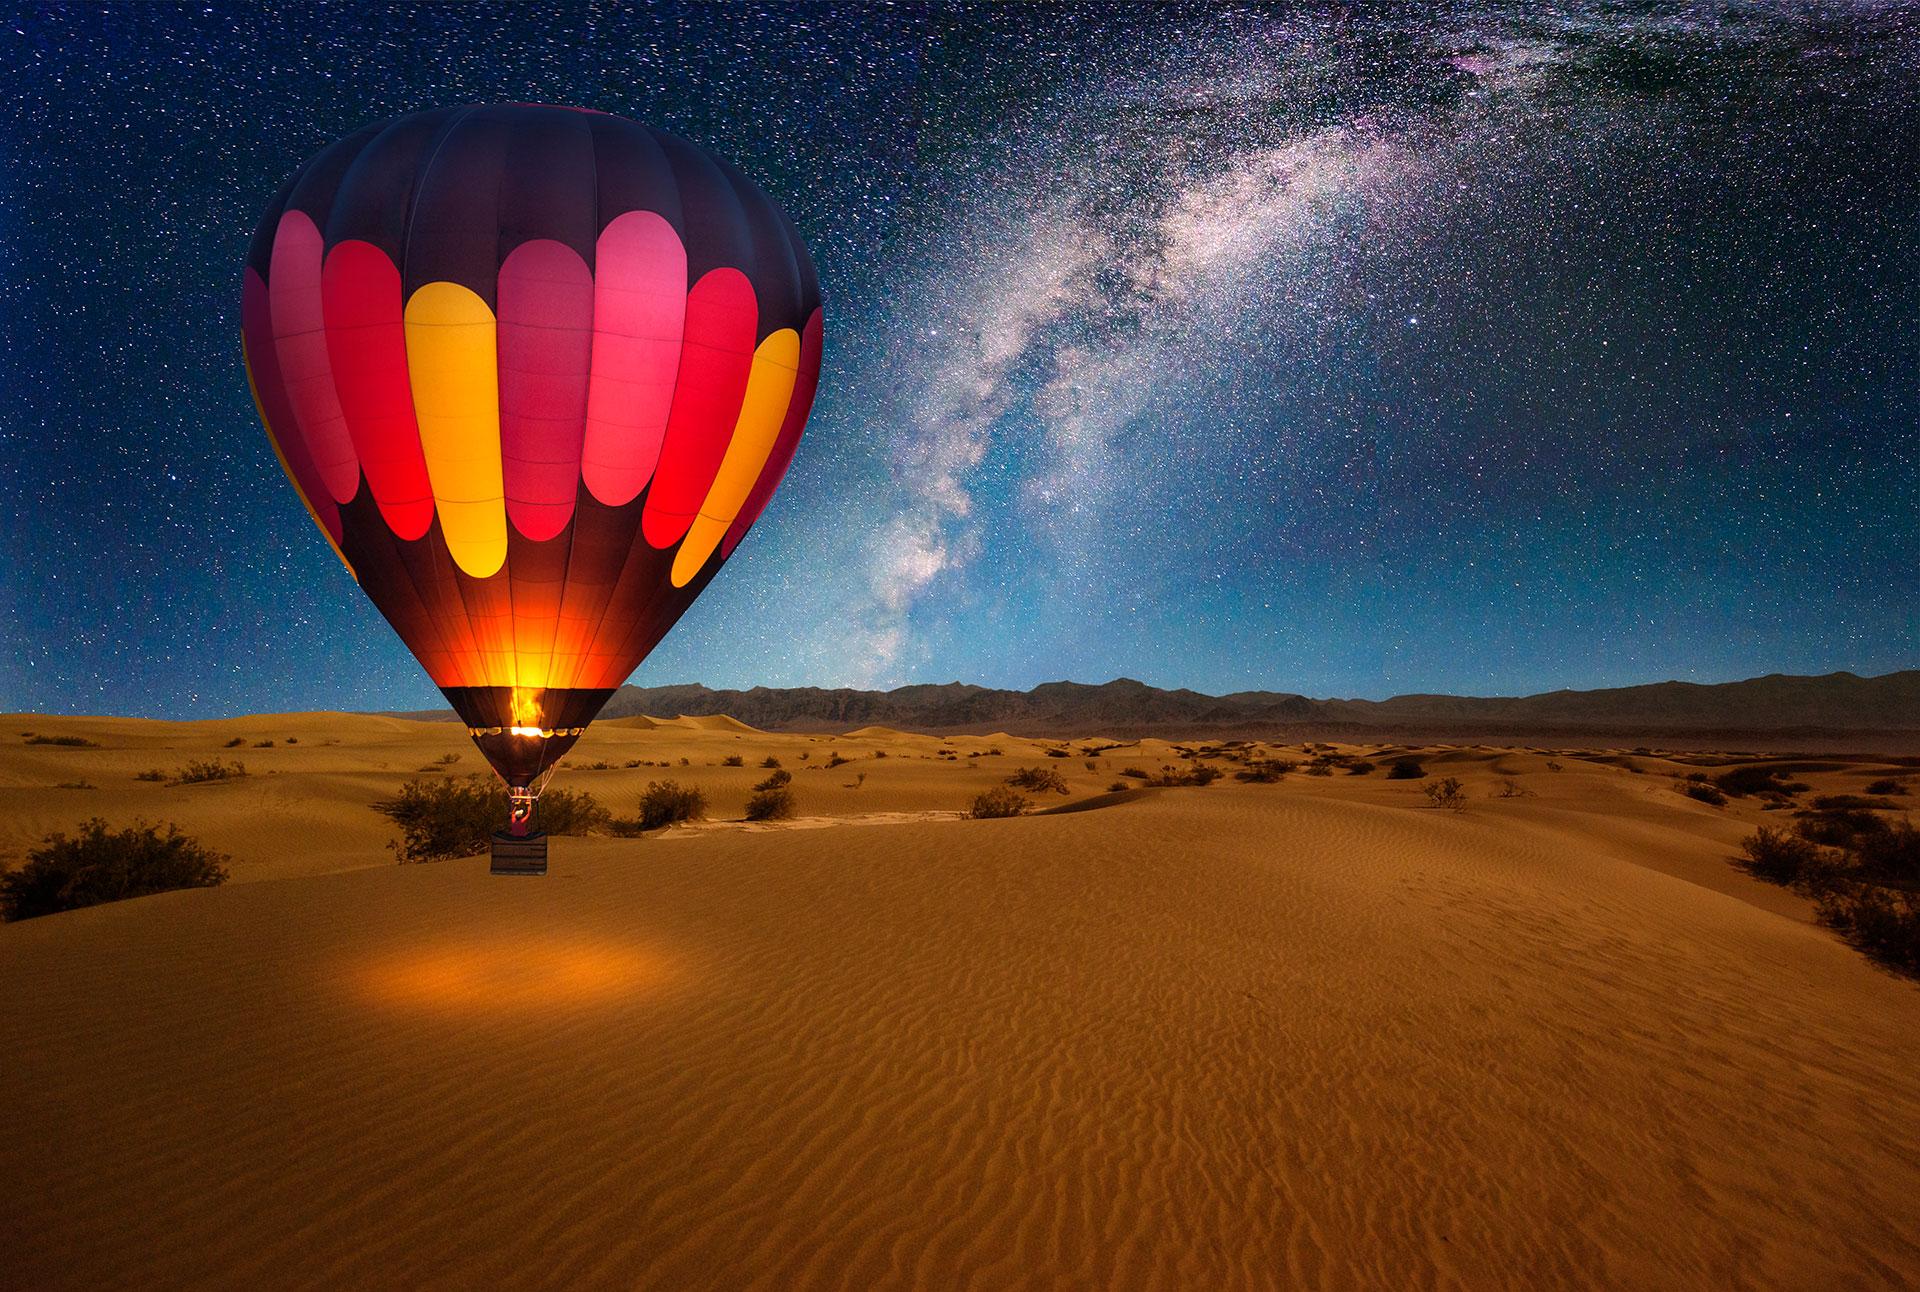 Hot Air Balloon in Desert